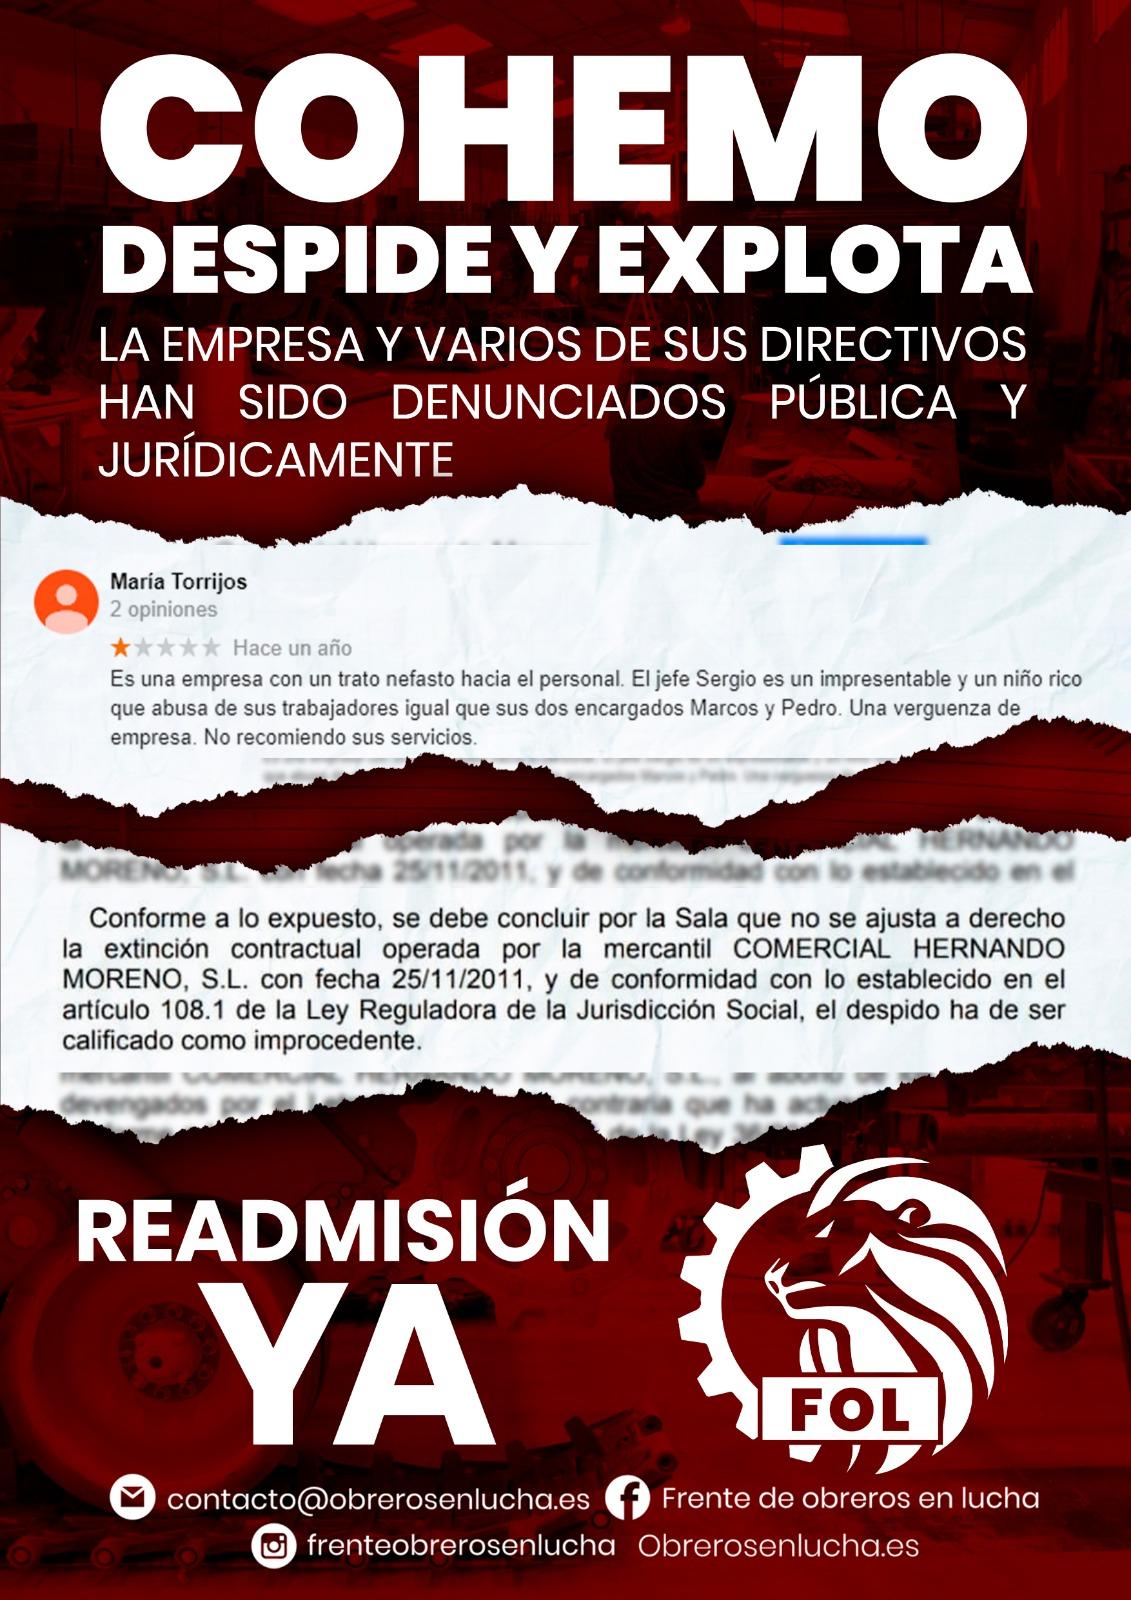 COHEMO DESPIDE Y EXPLOTA